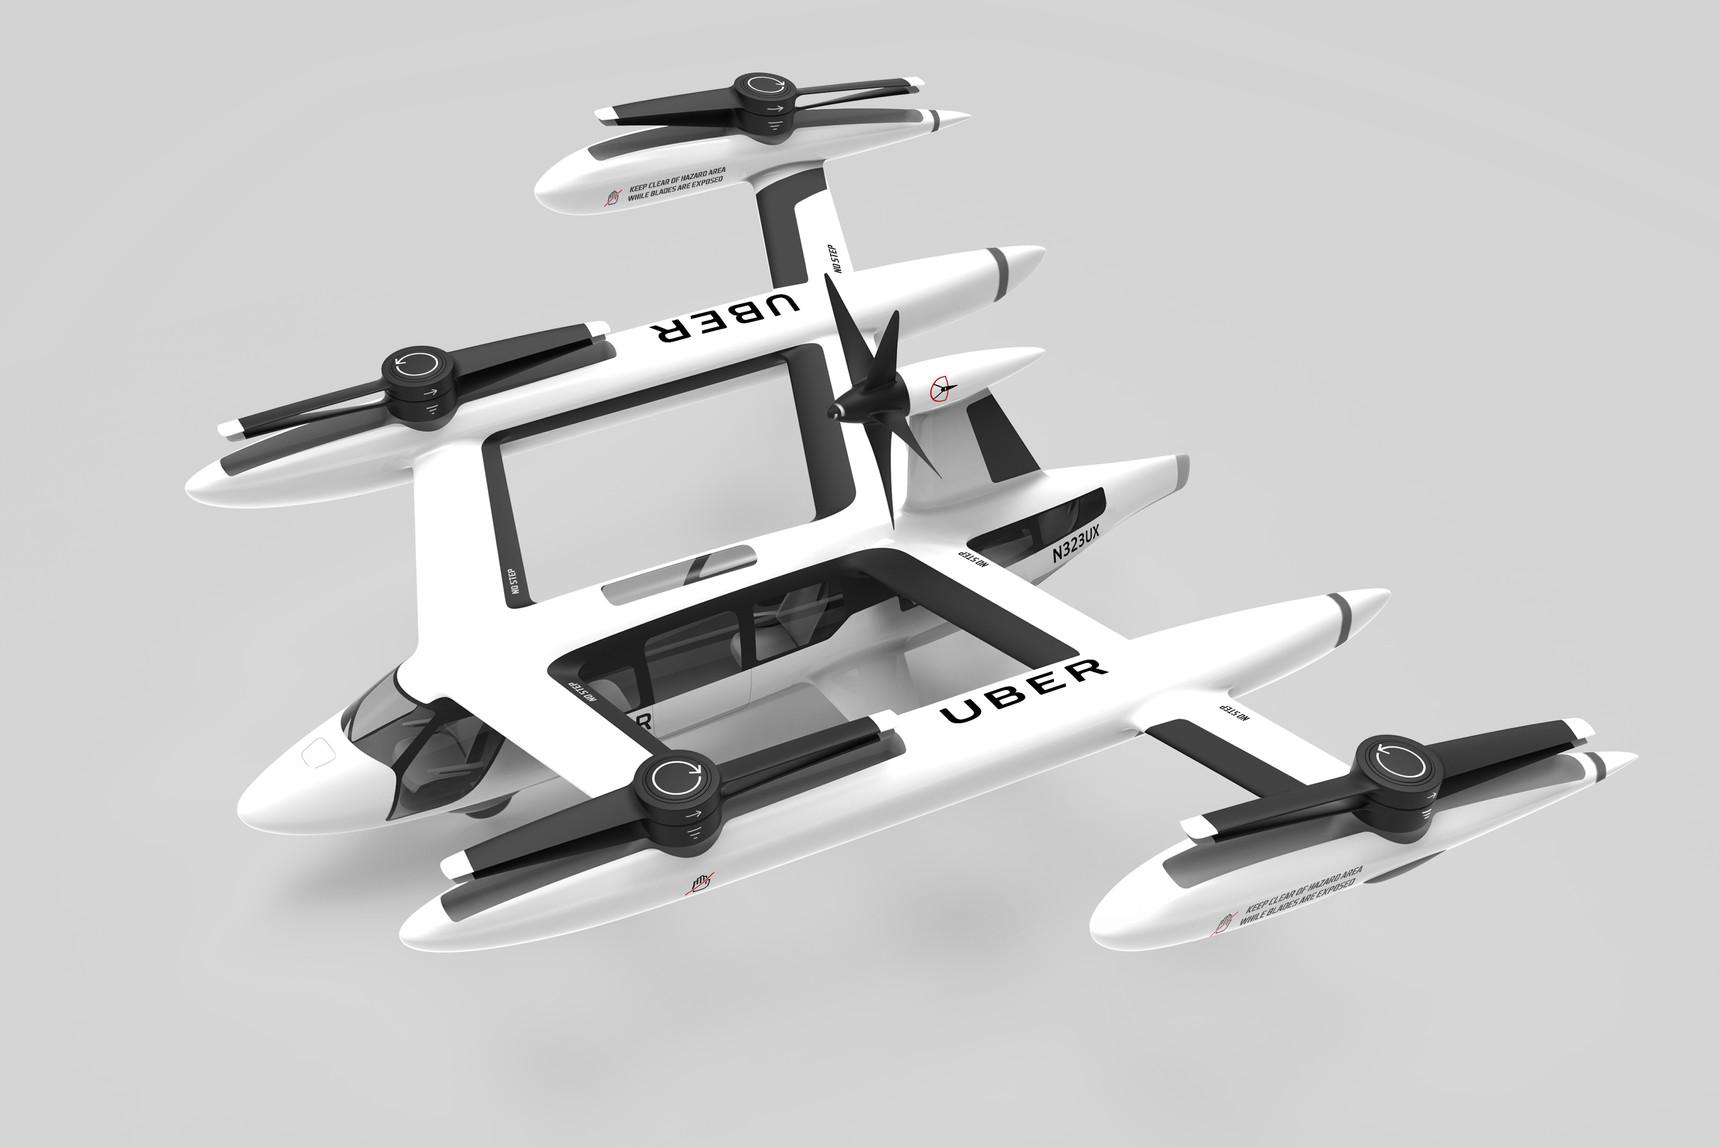 Koncept elektrického letadla s vertikálním vzletem a přistáním (eVTOL) od Uberu